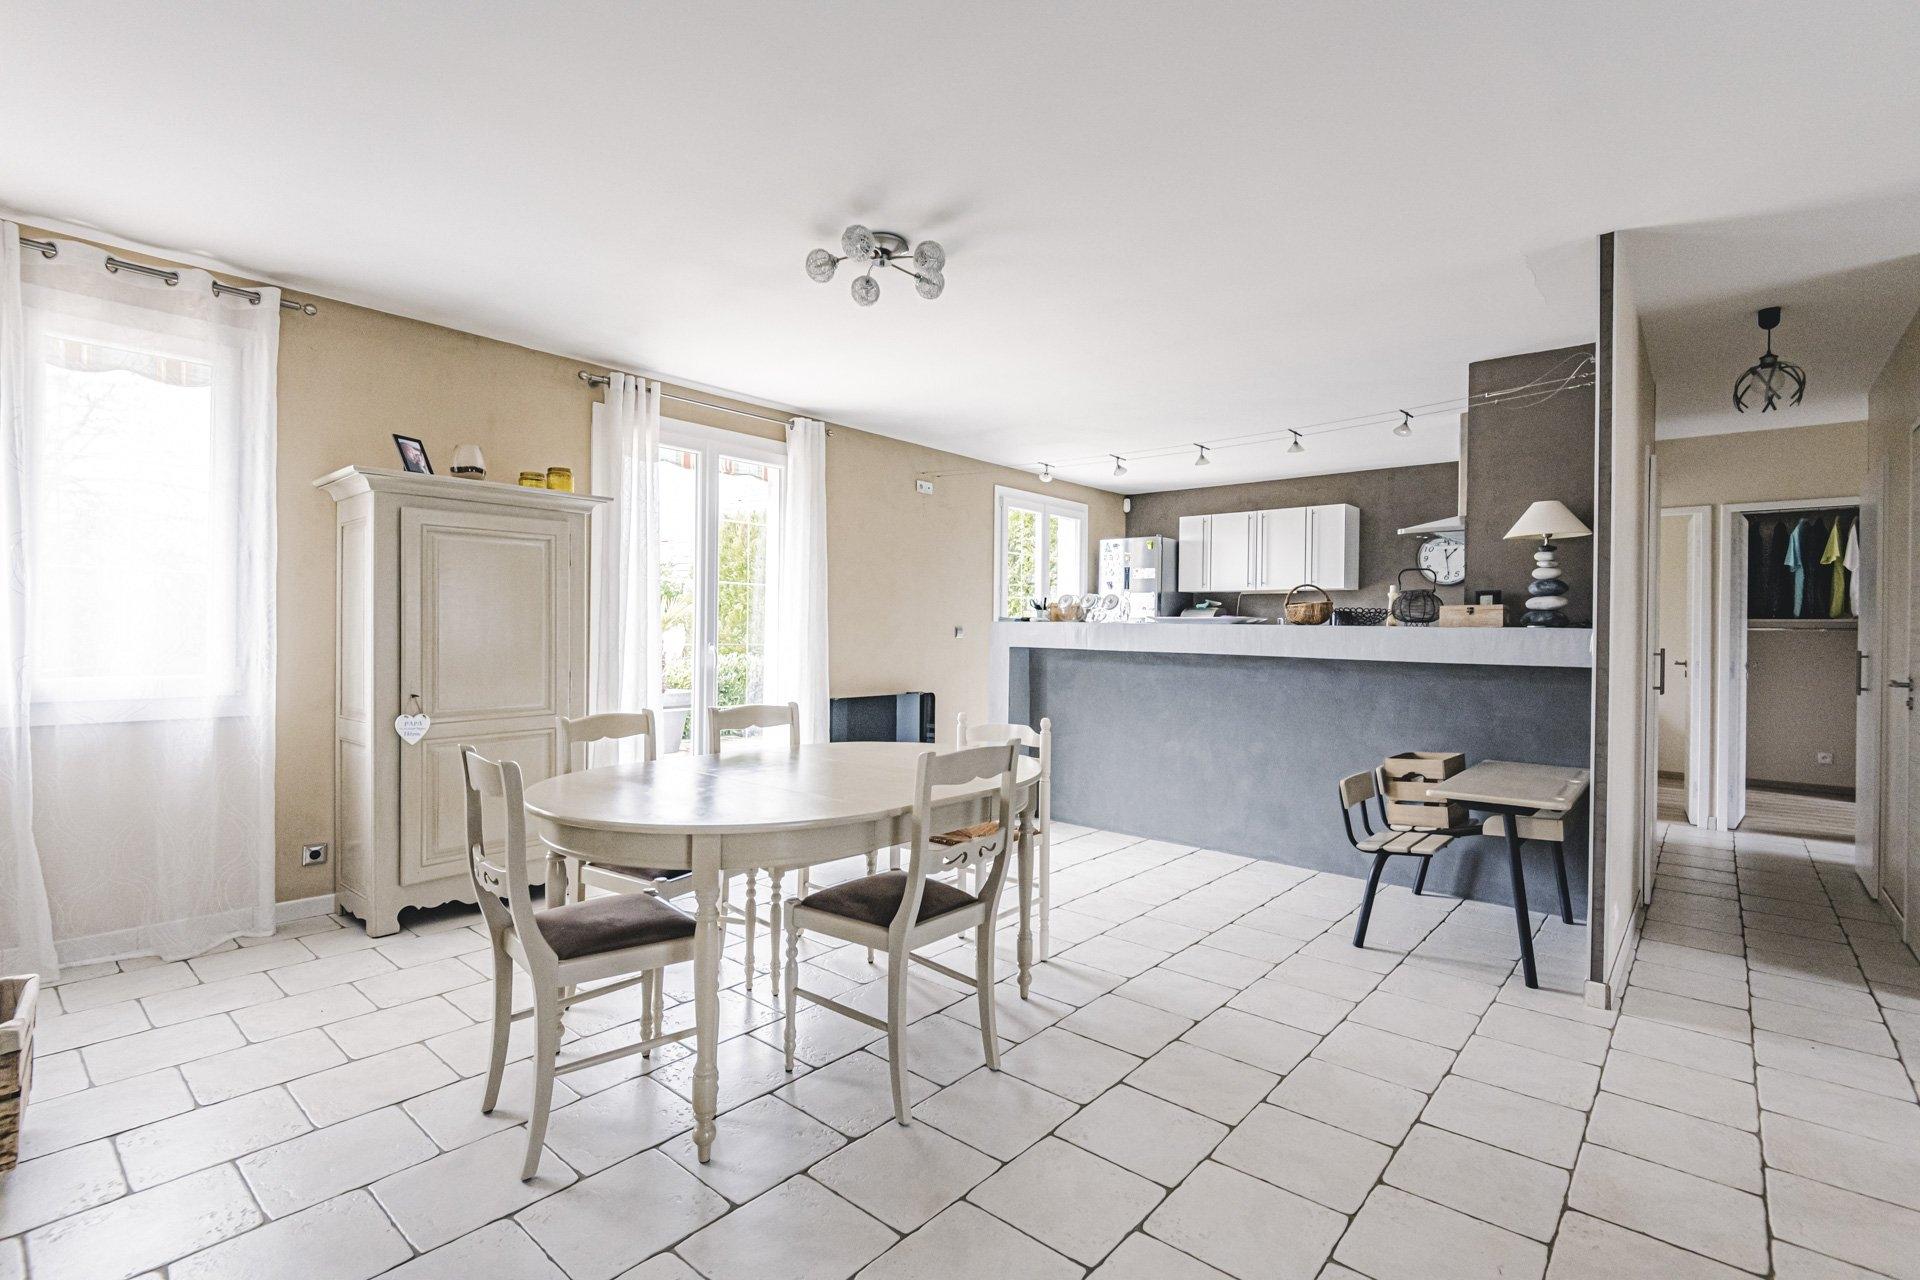 Maison Bouleuse 6 Pièces 140 m2 - 2